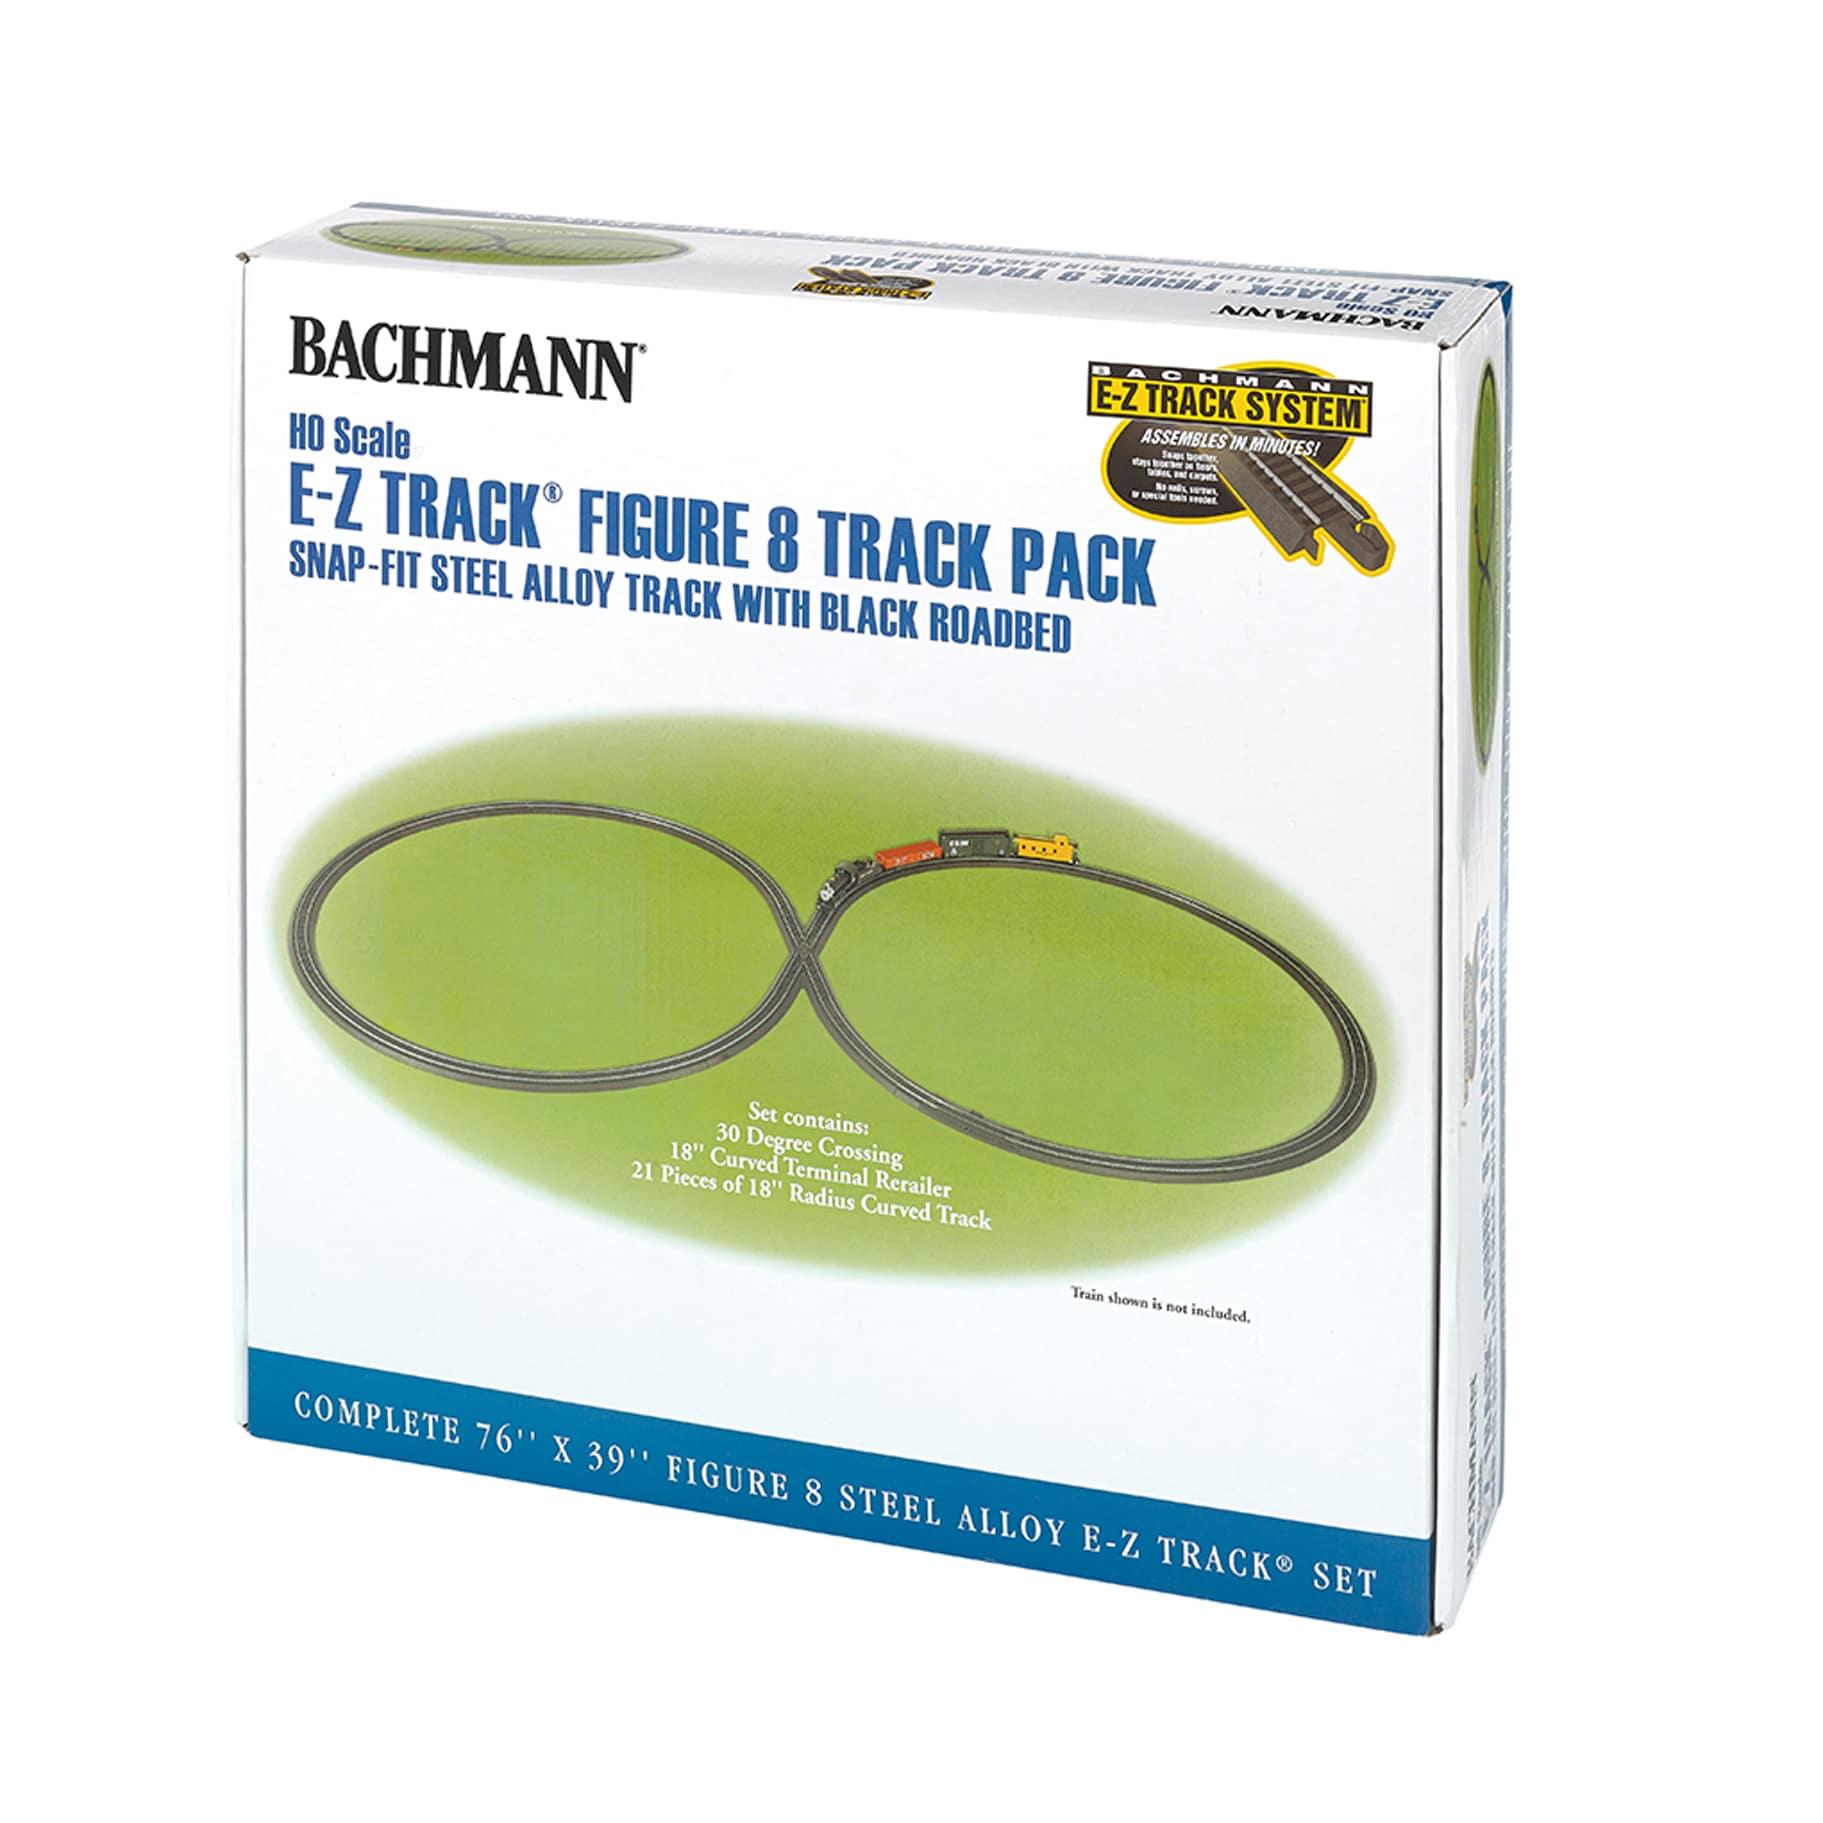 Bachmann Trains E-Z Track Figure 8 Track Pack HO Scale (G...